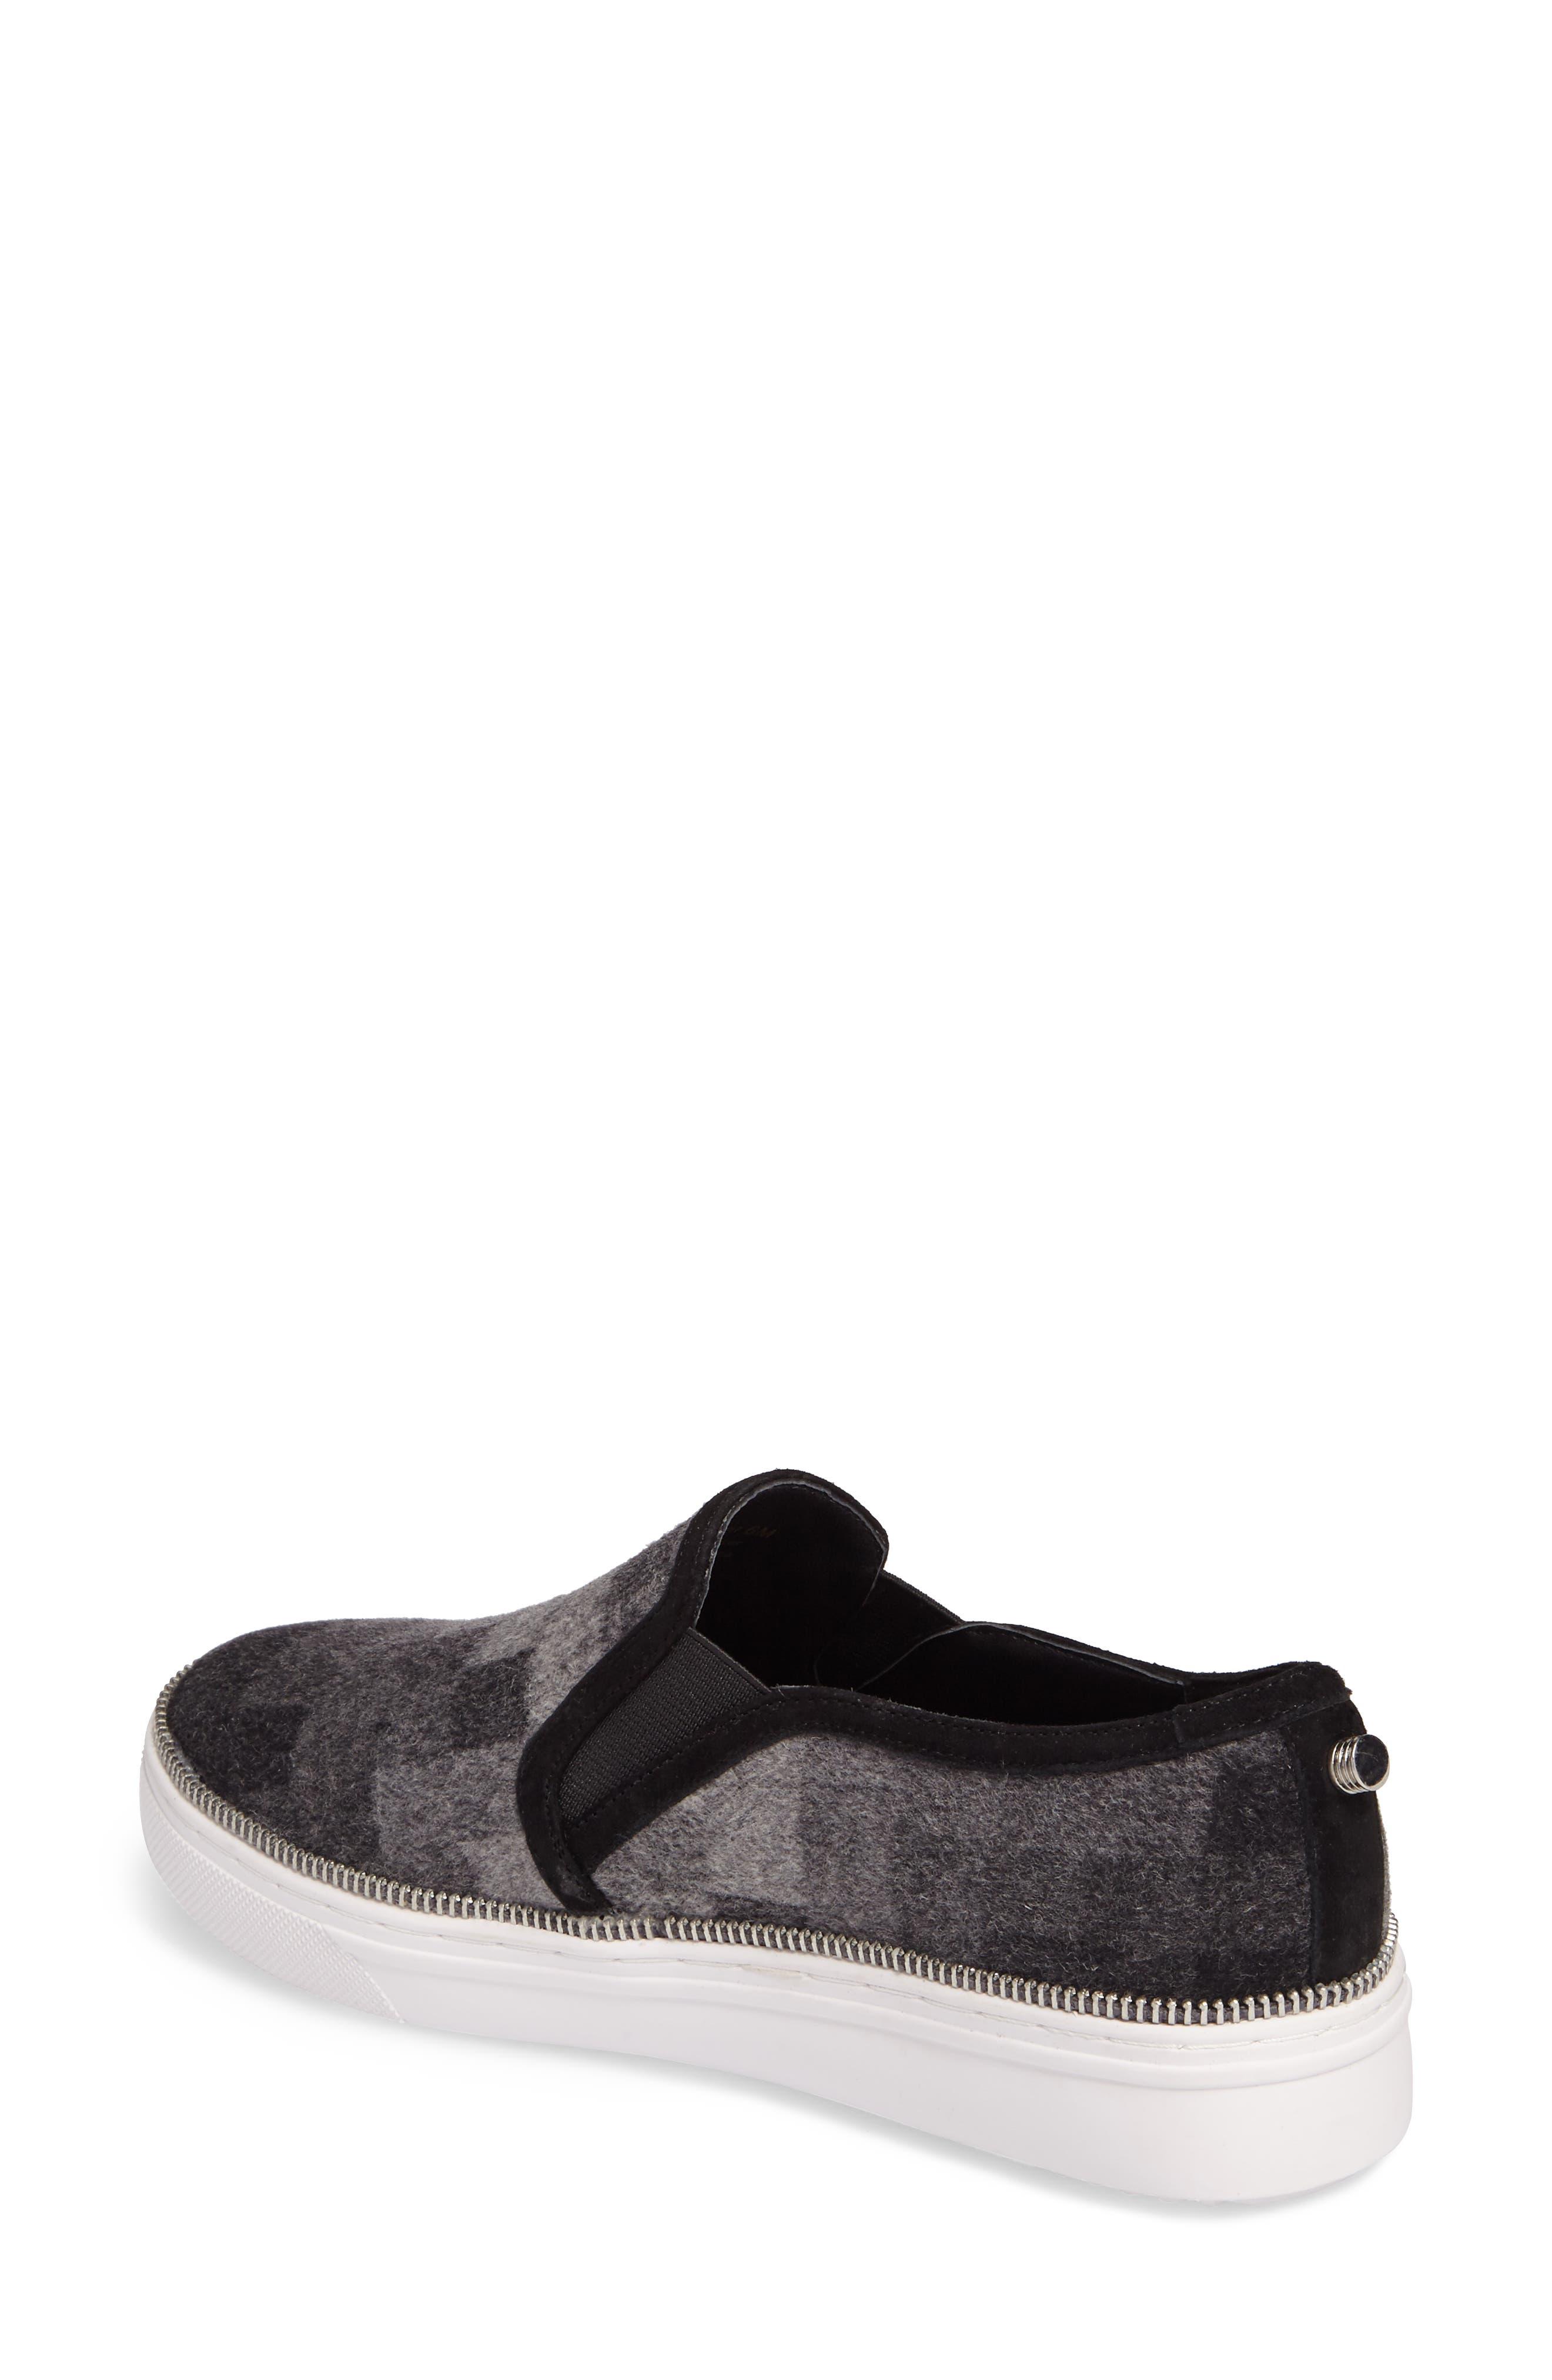 Harper Slip-On Sneaker,                             Alternate thumbnail 8, color,